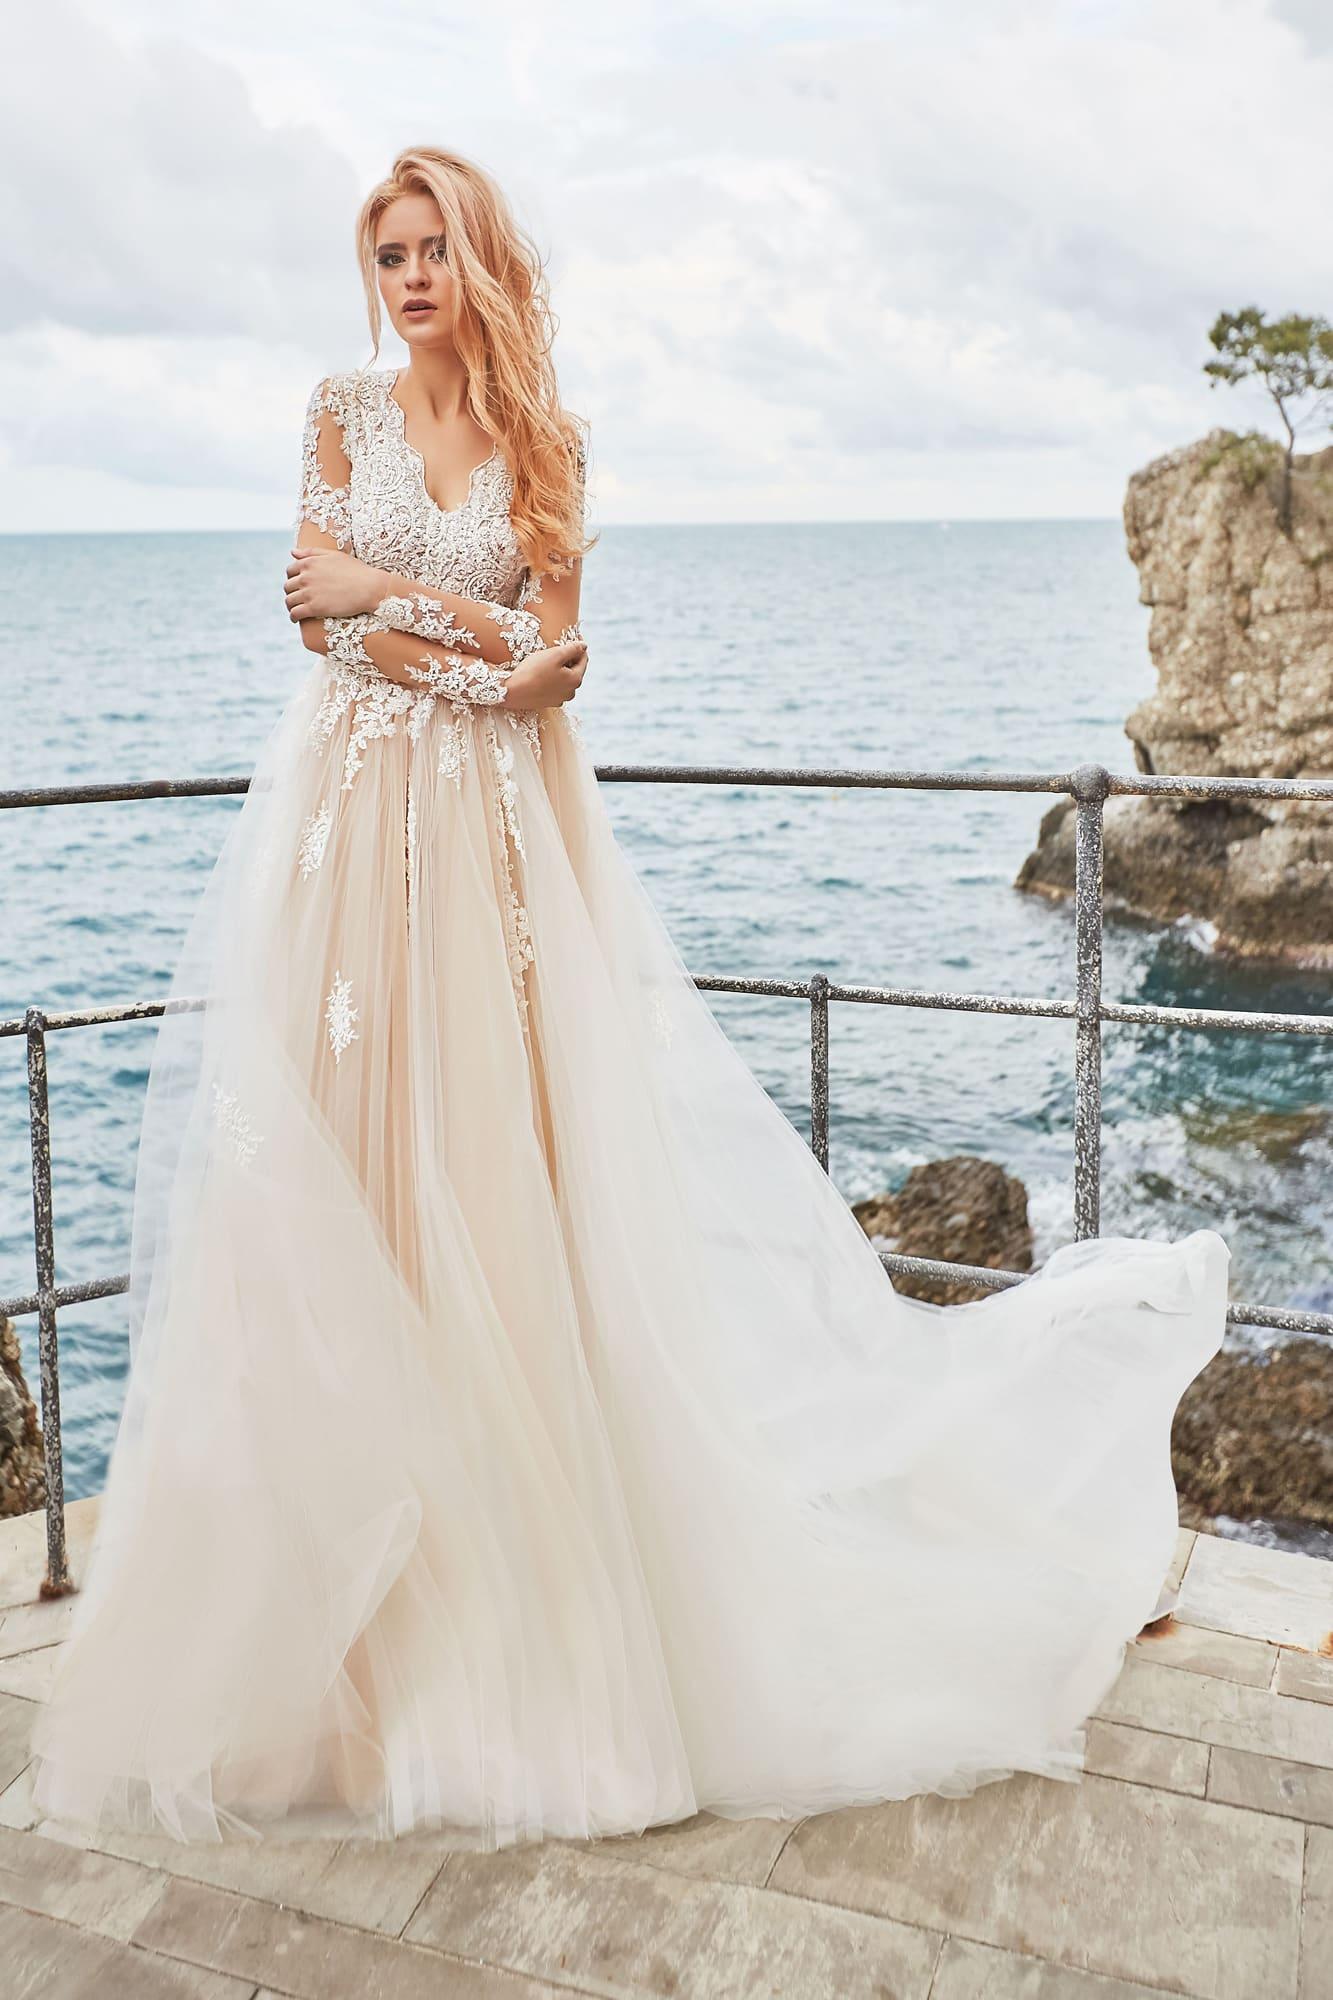 45e97c034187b71 Воздушное свадебное платье бежевого оттенка с длинным полупрозрачным  рукавом.